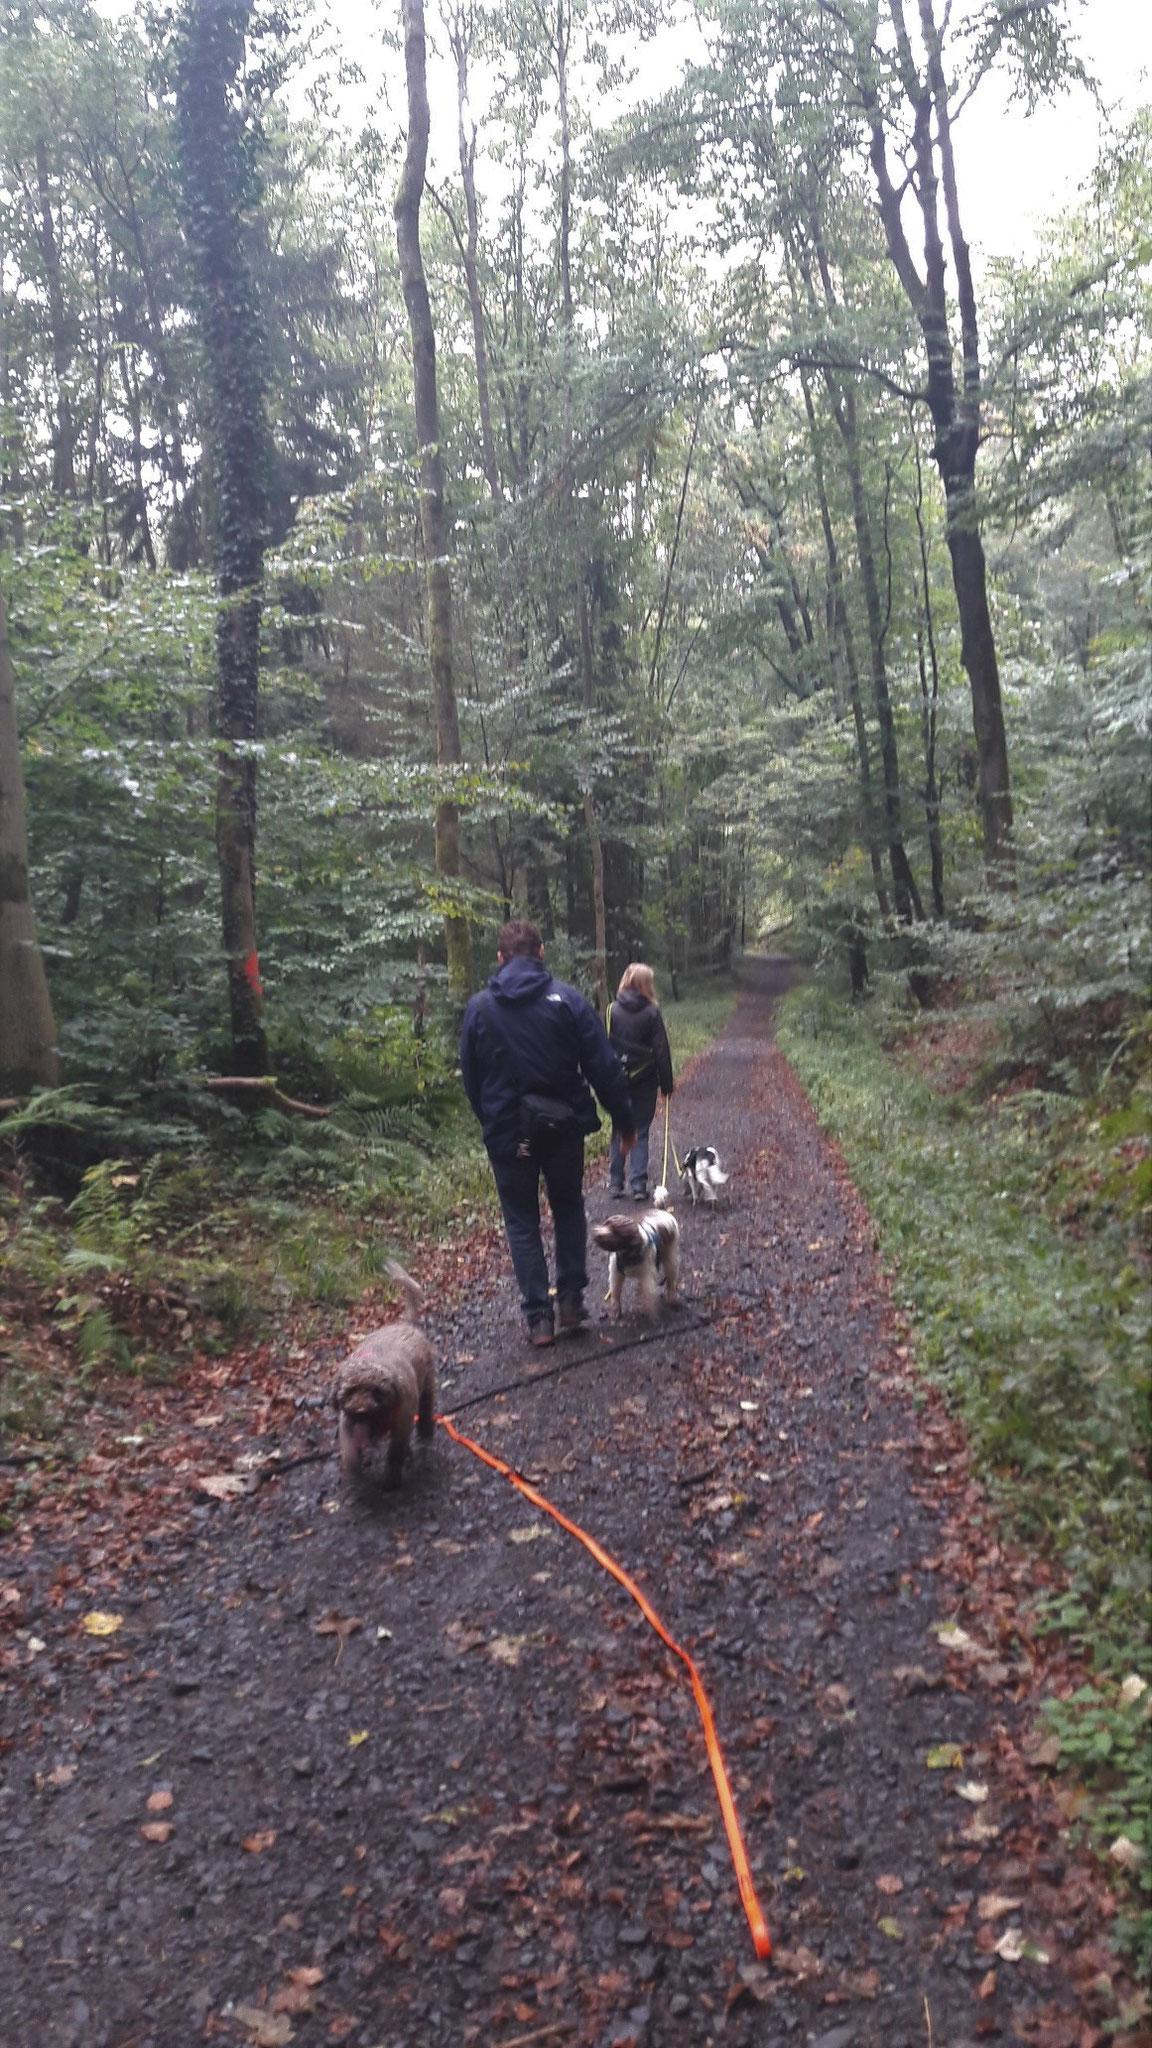 schönes Laufen und Schnüffeln im Wald